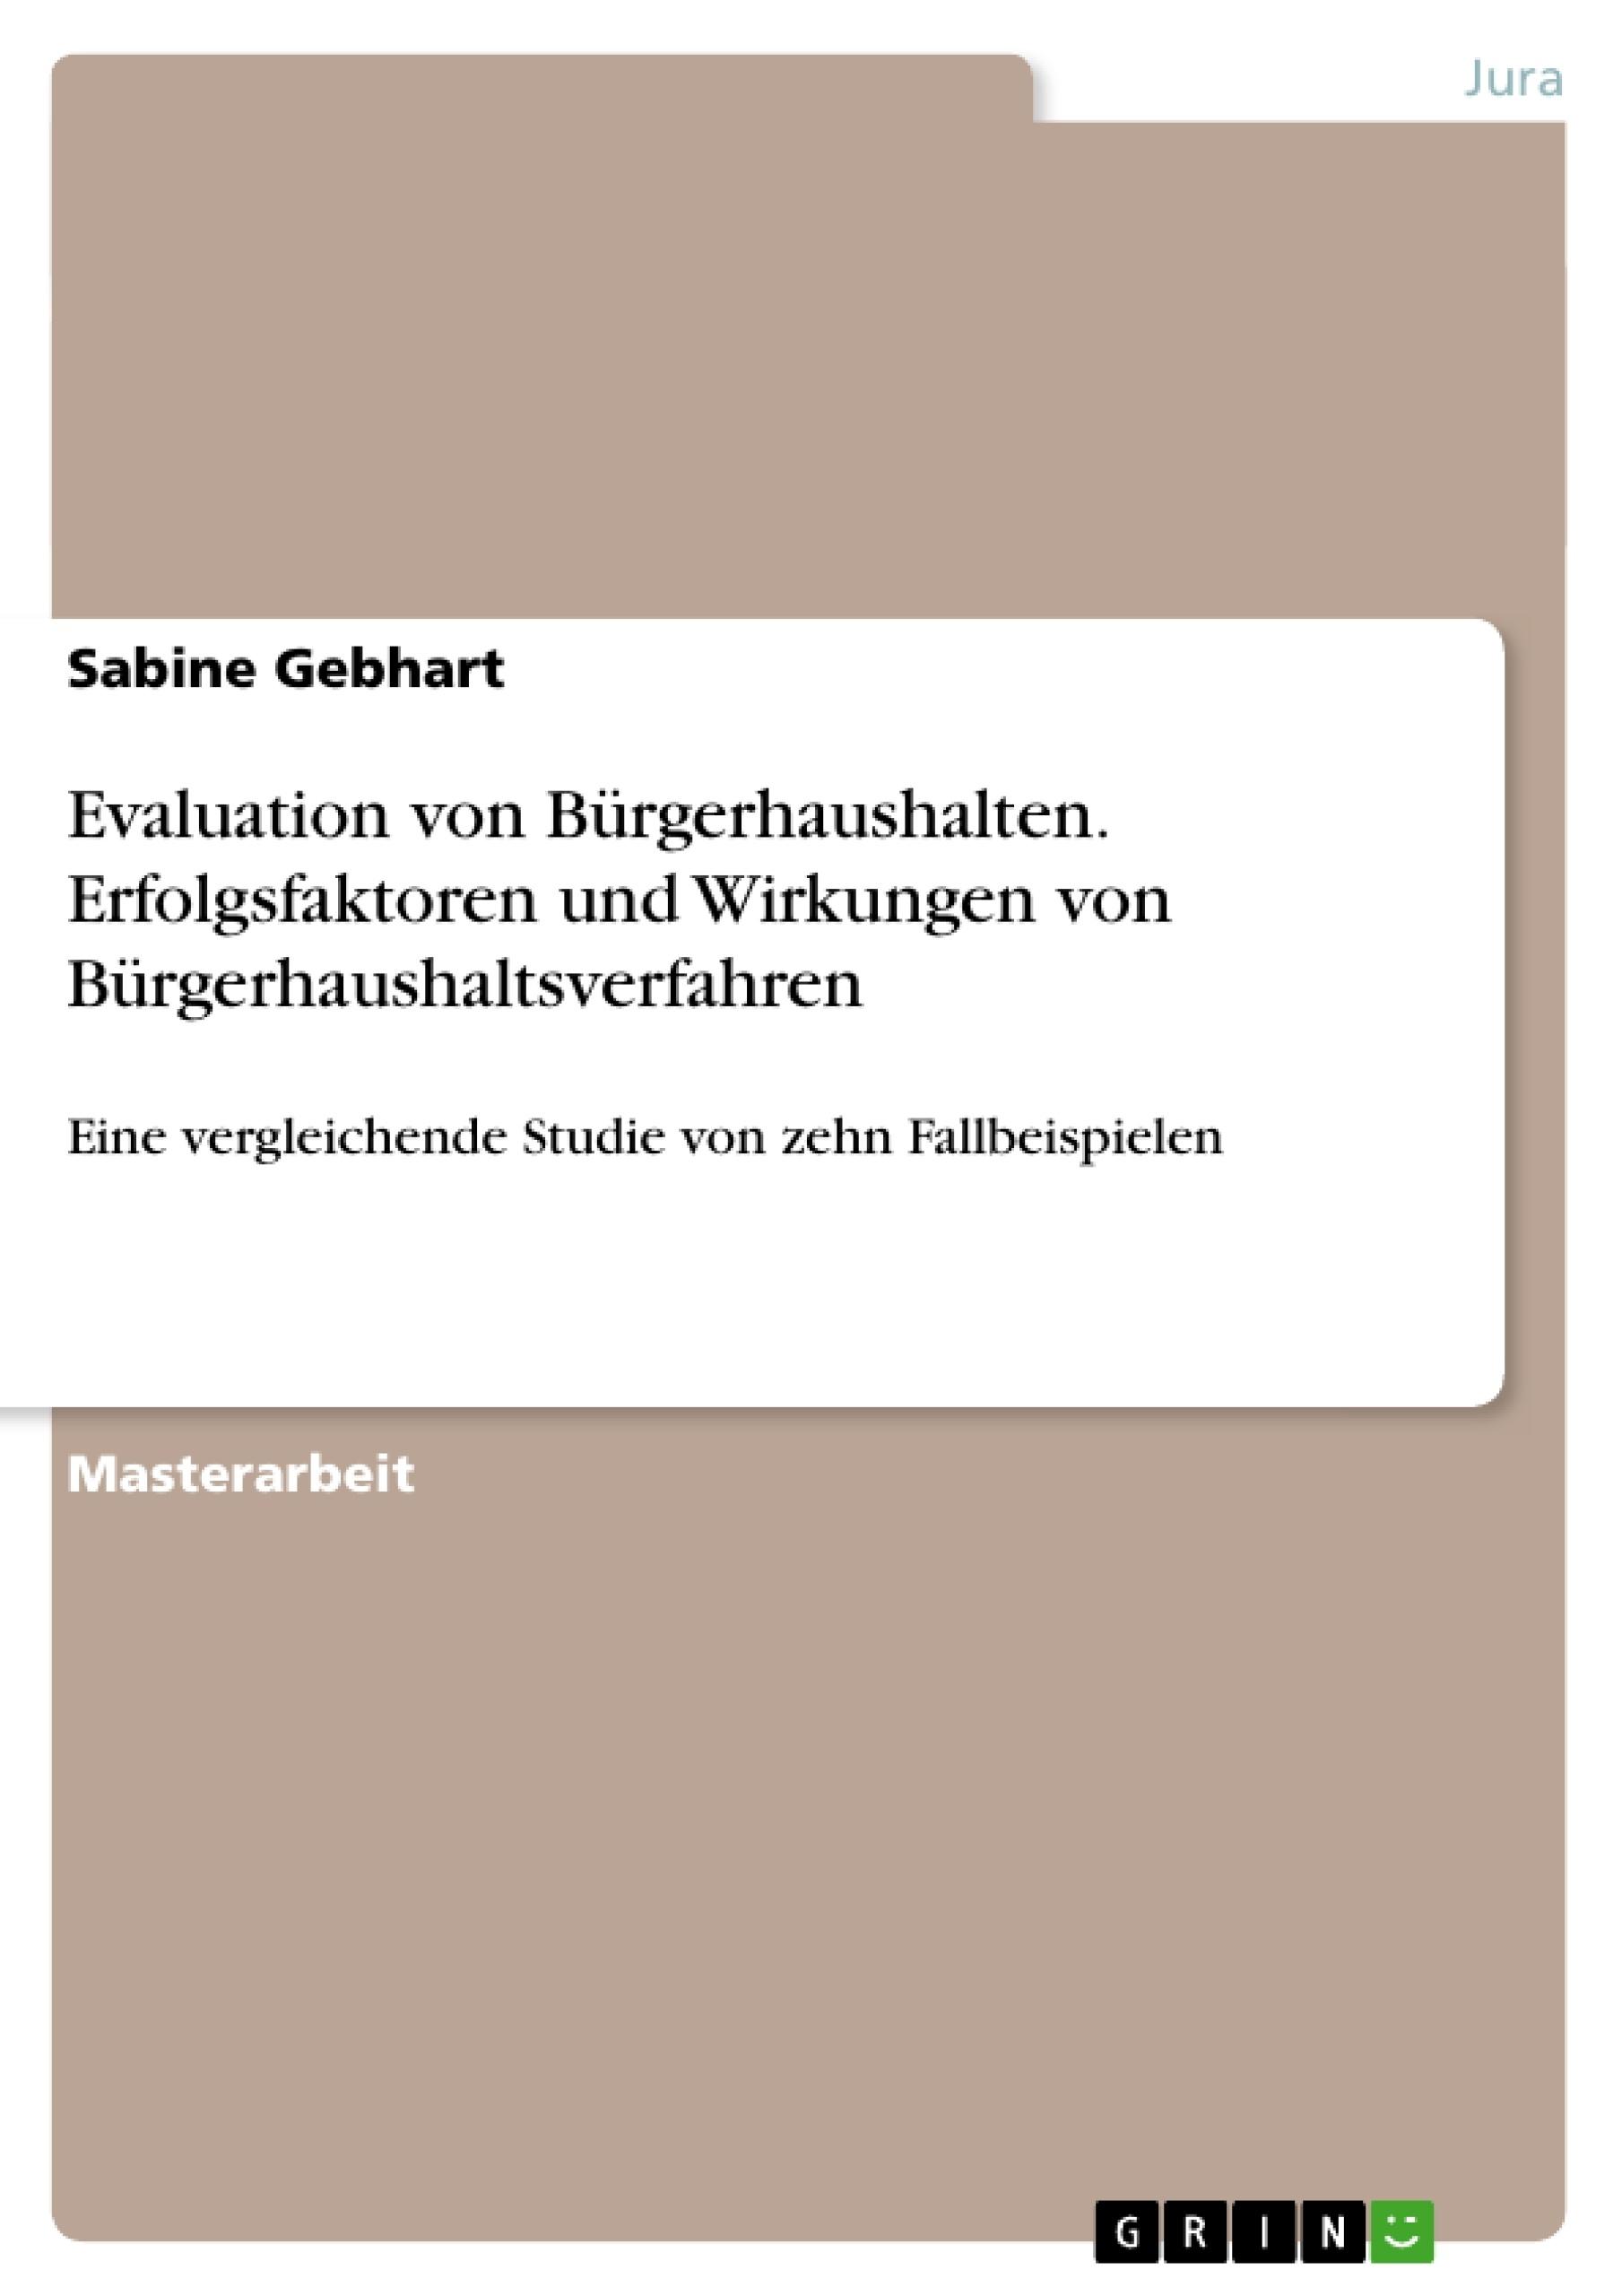 Titel: Evaluation von Bürgerhaushalten. Erfolgsfaktoren und Wirkungen von Bürgerhaushaltsverfahren